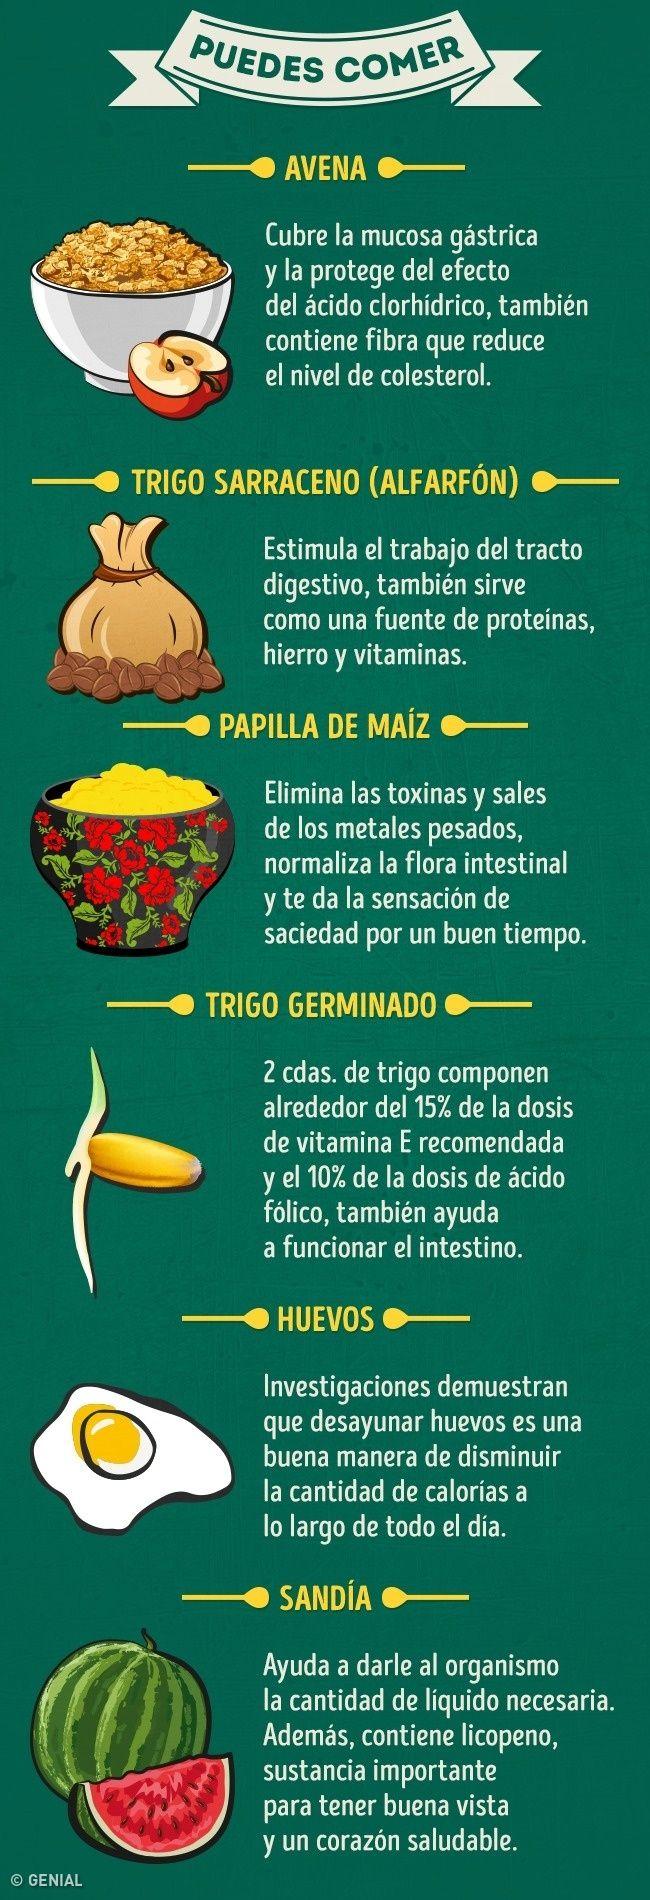 20 Alimentos que puedes comer en ayunas y aquellos que no debes #salud #healthy